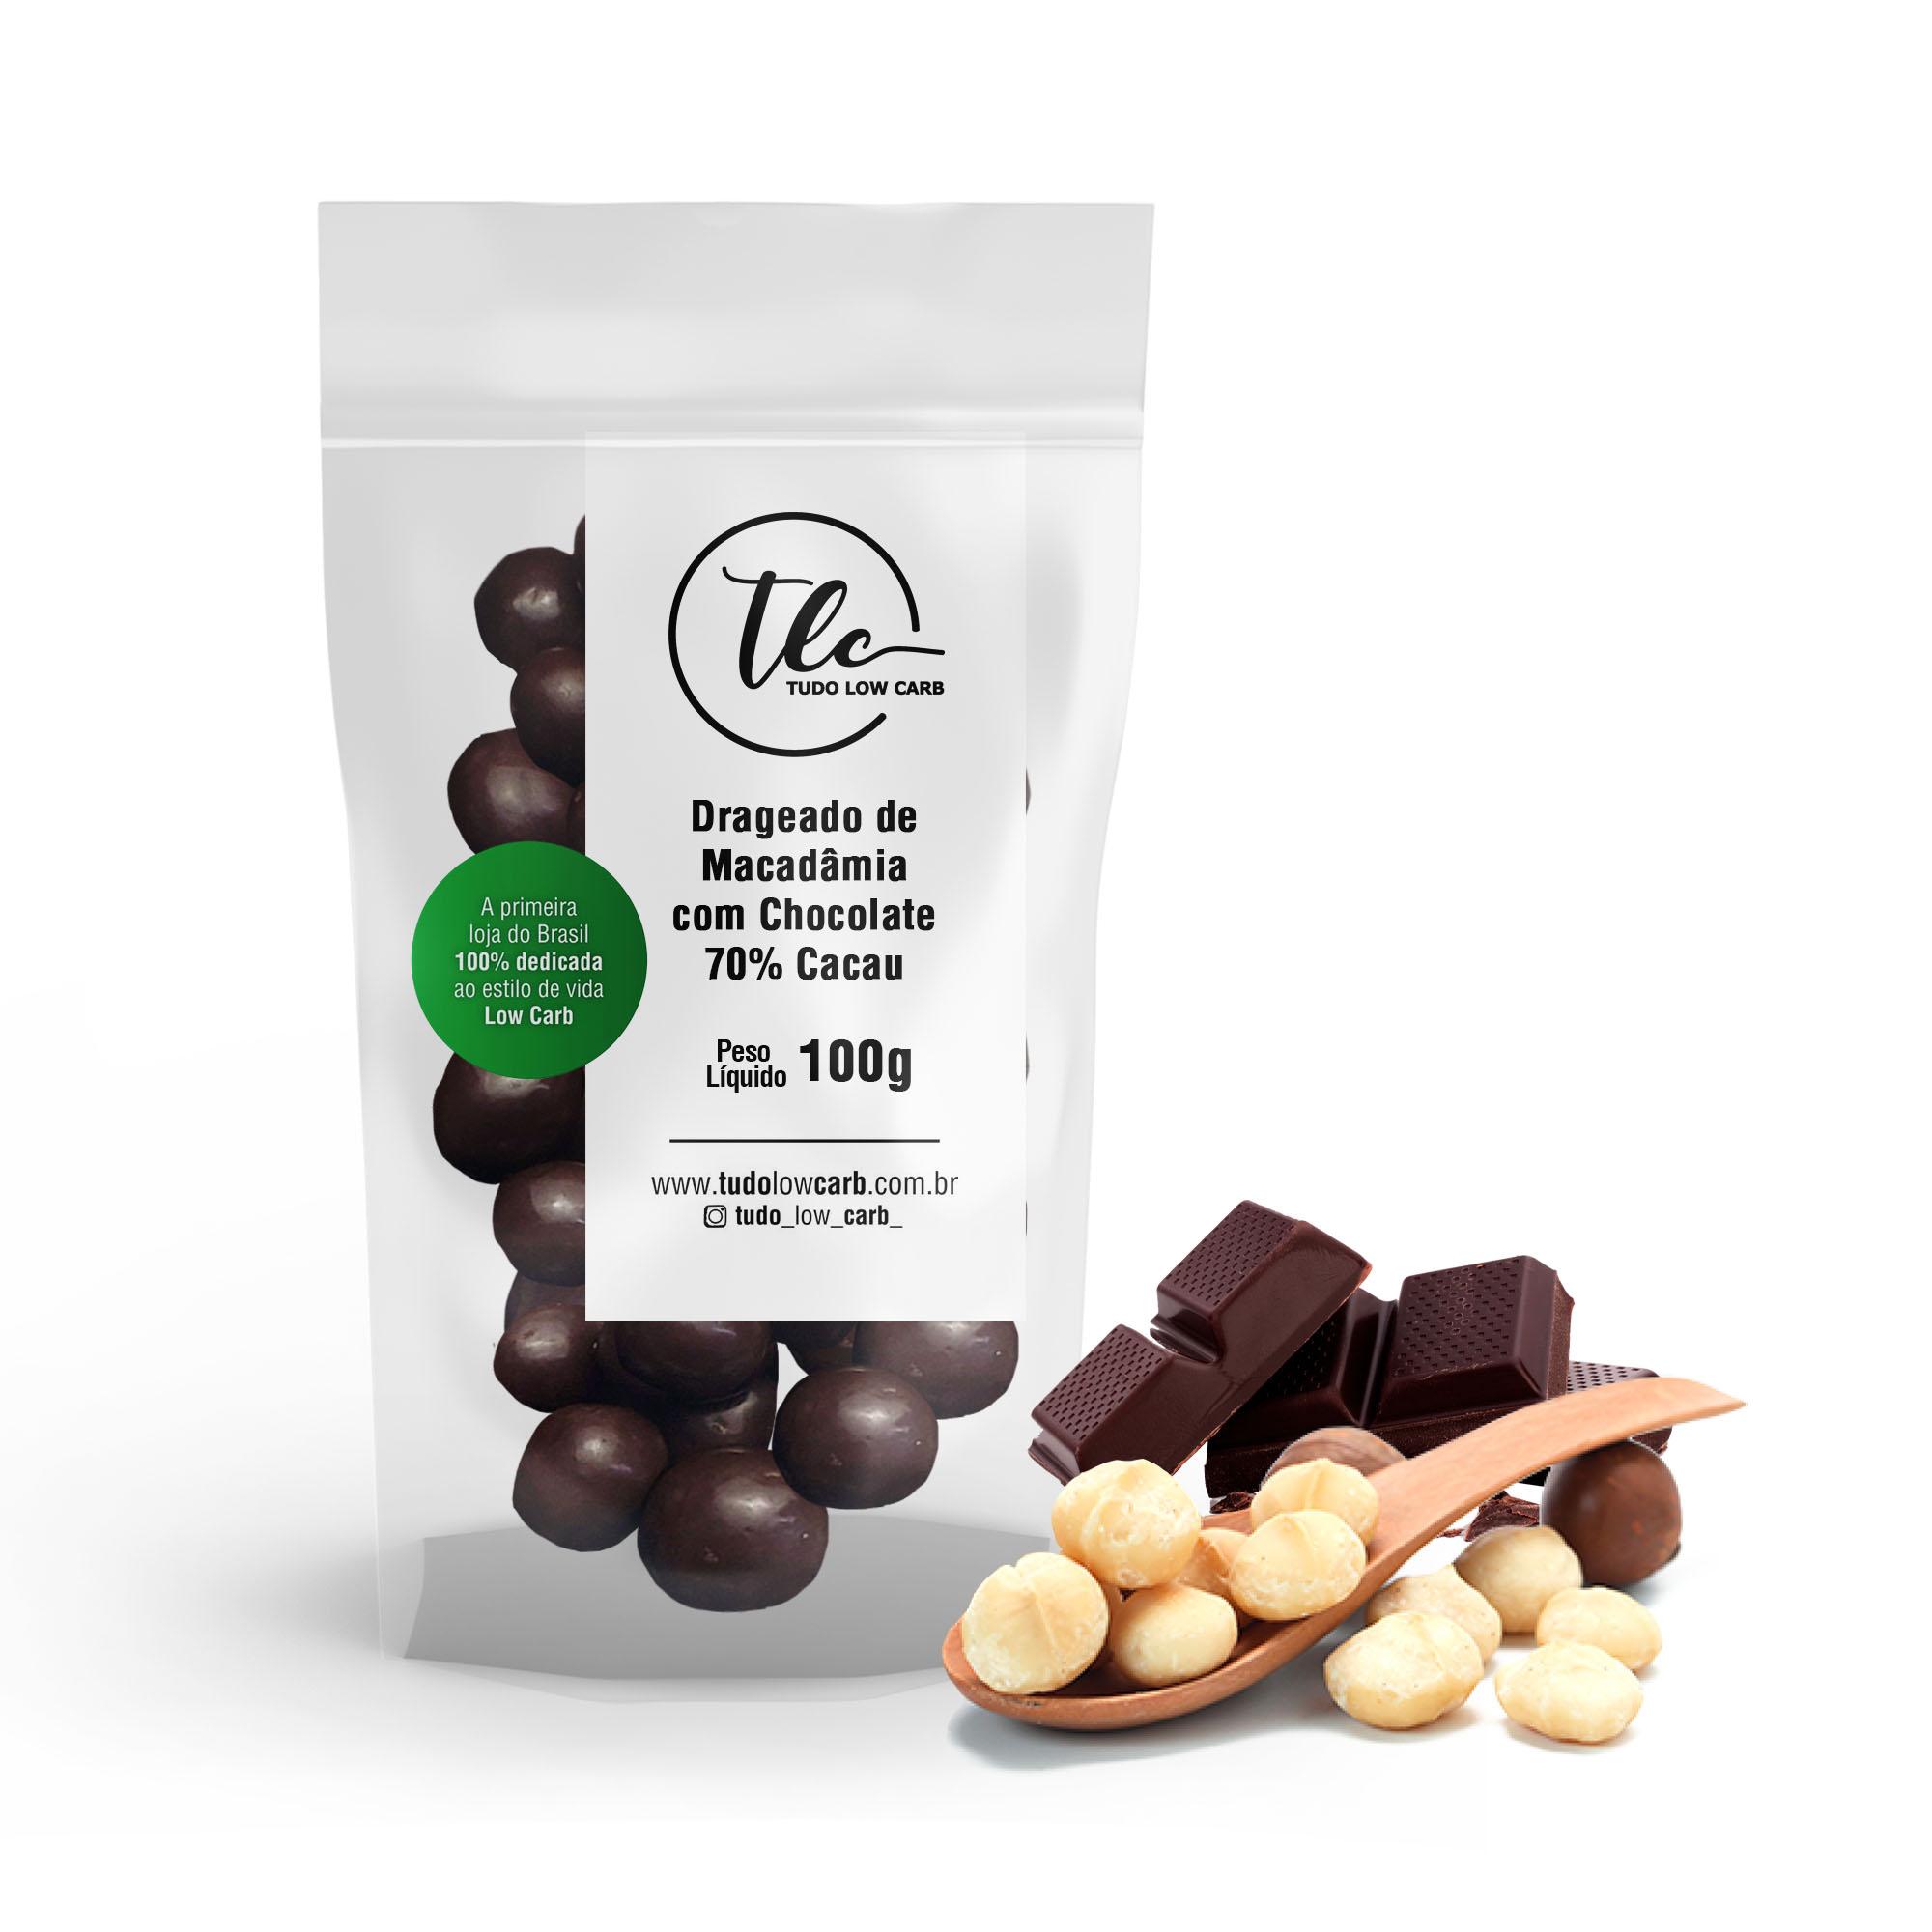 Drageado Macadâmia com Chocolate 70% Cacau 100g  - TLC Tudo Low Carb